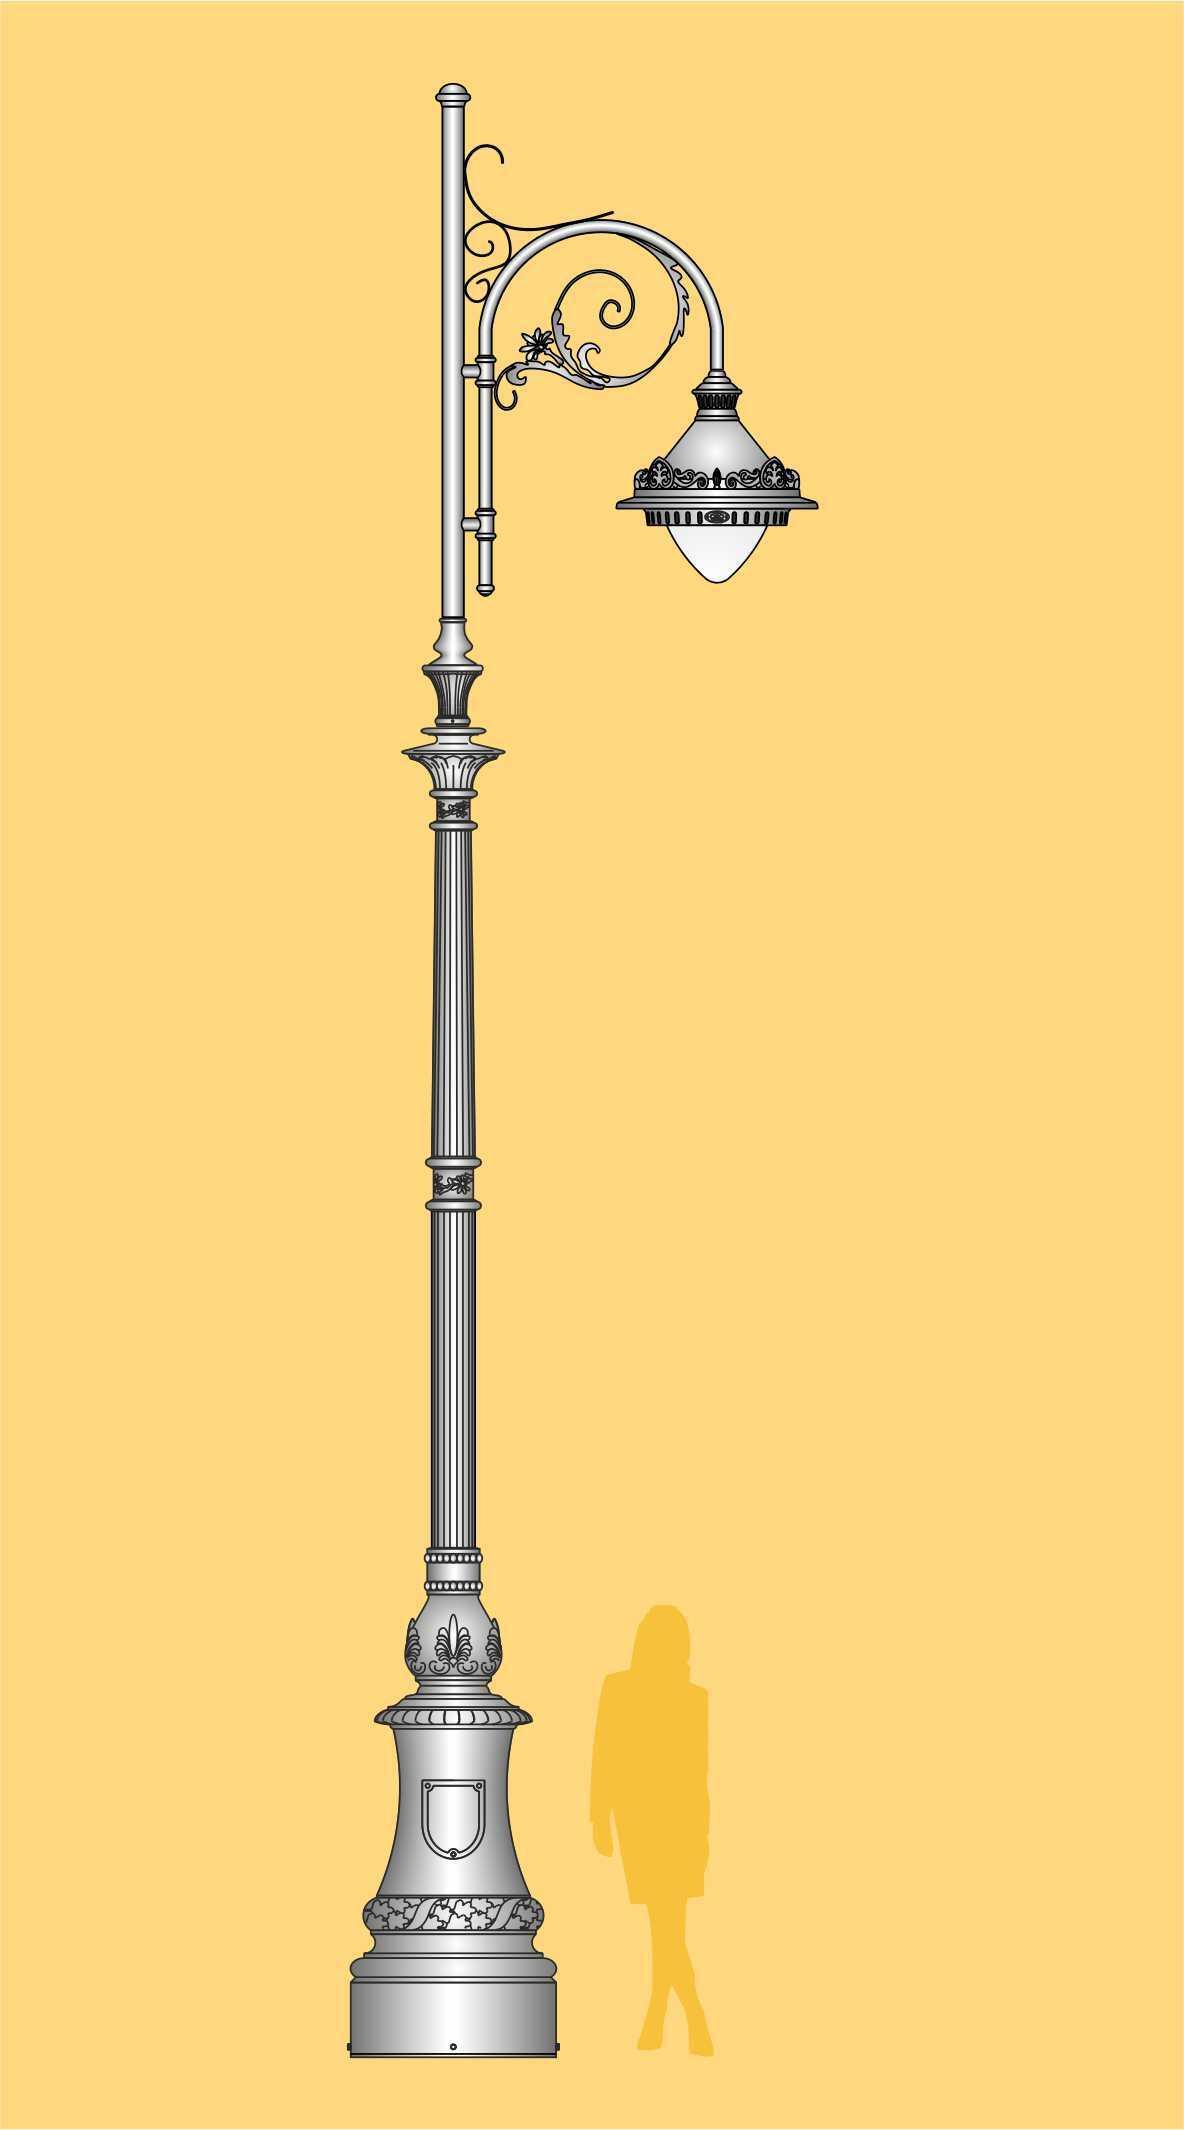 wysoka latarnia LED, ekskluzywna latarnia uliczna, oświetlenie uliczne, oprawa LED